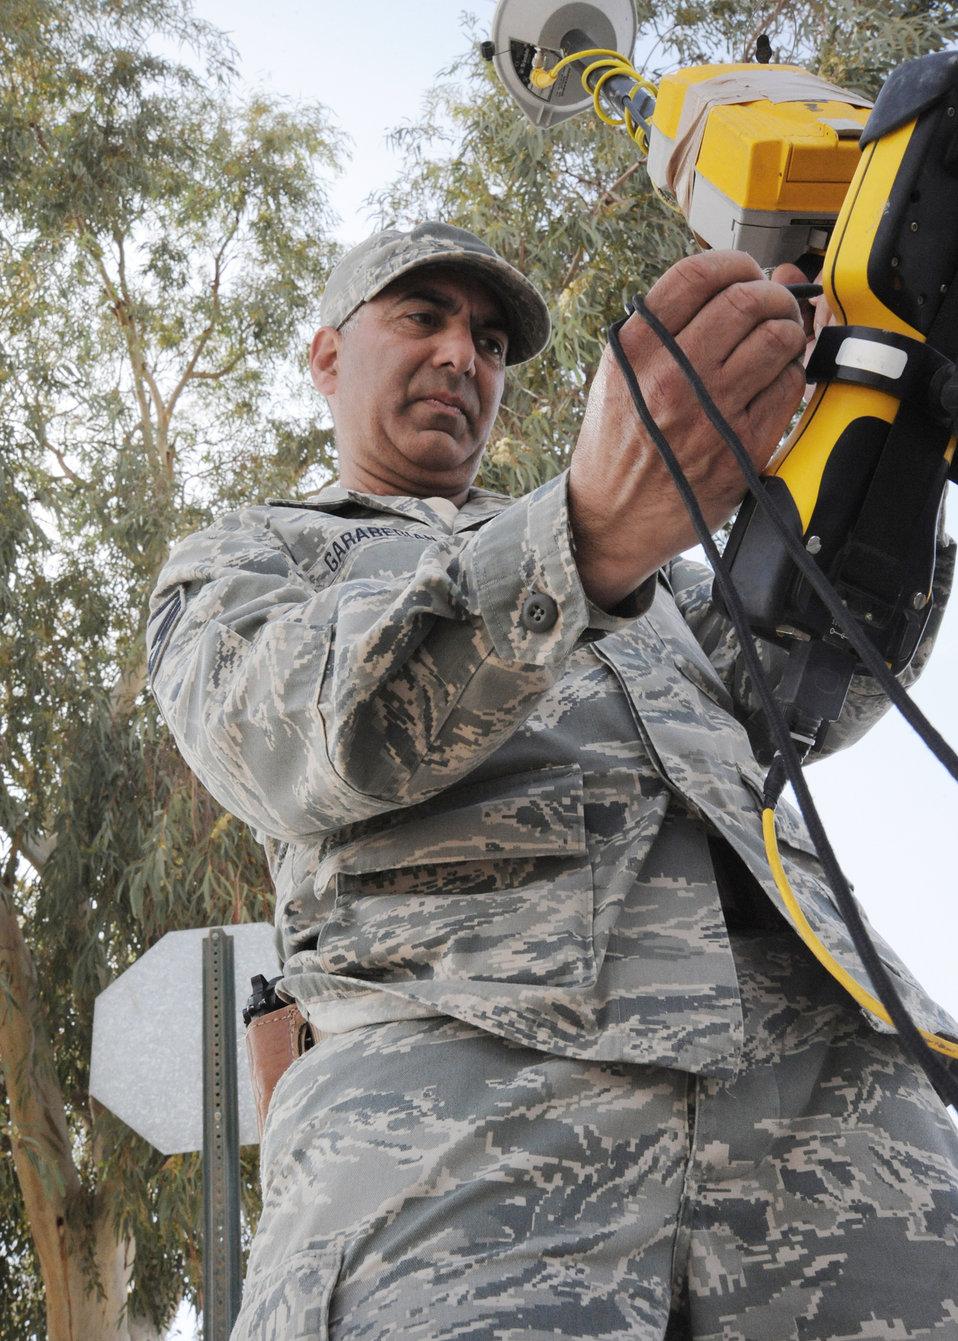 Civil engineers assist with Iraq drawdown